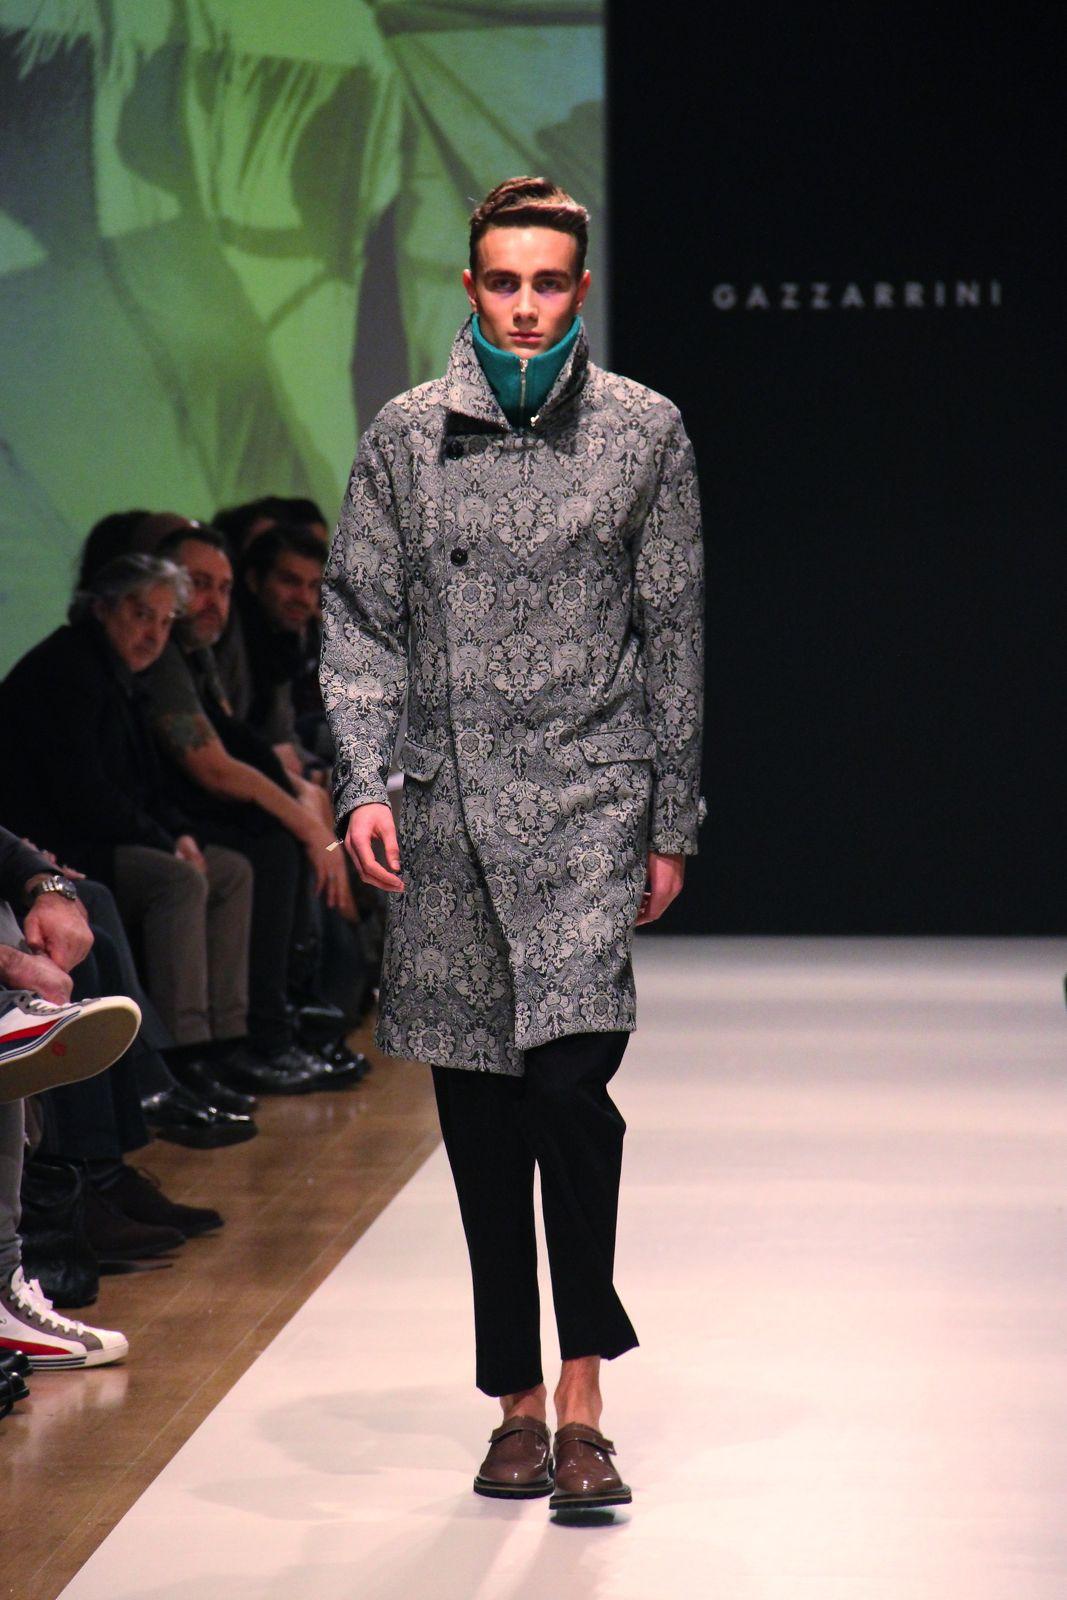 Gazzarrini FW 2012-13